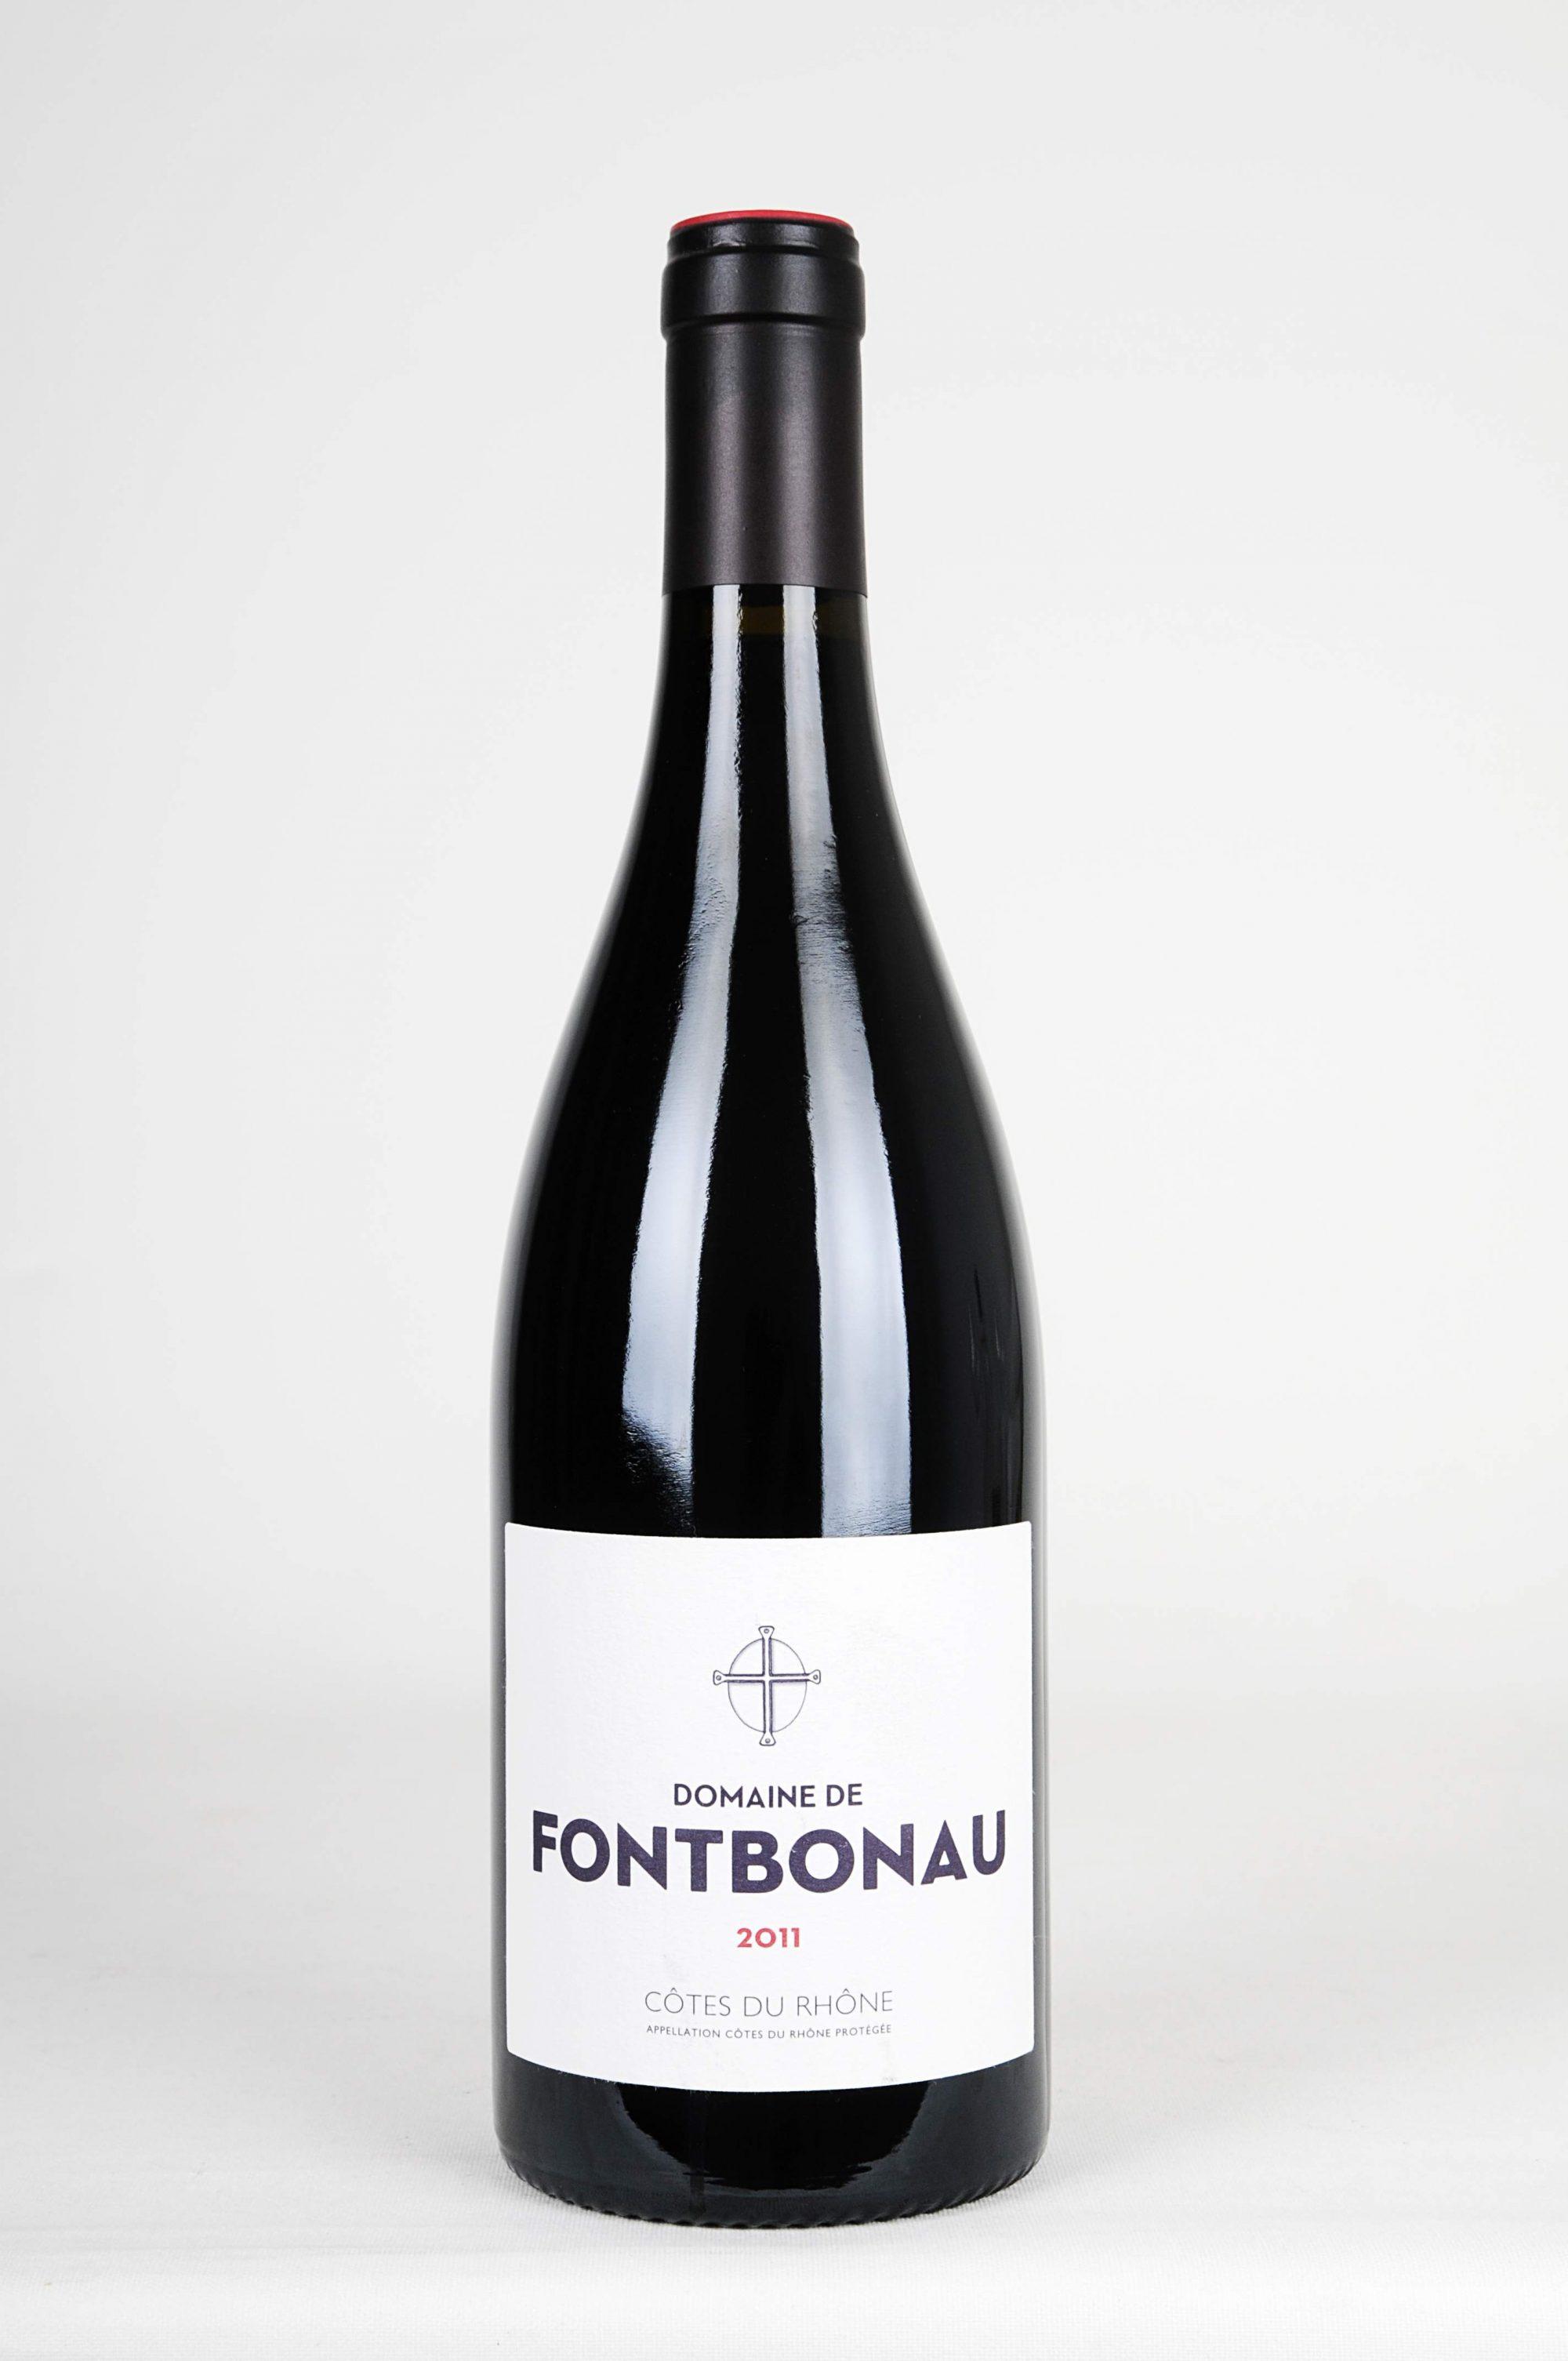 domaine-fontbonau cotes-du-rhone 2011